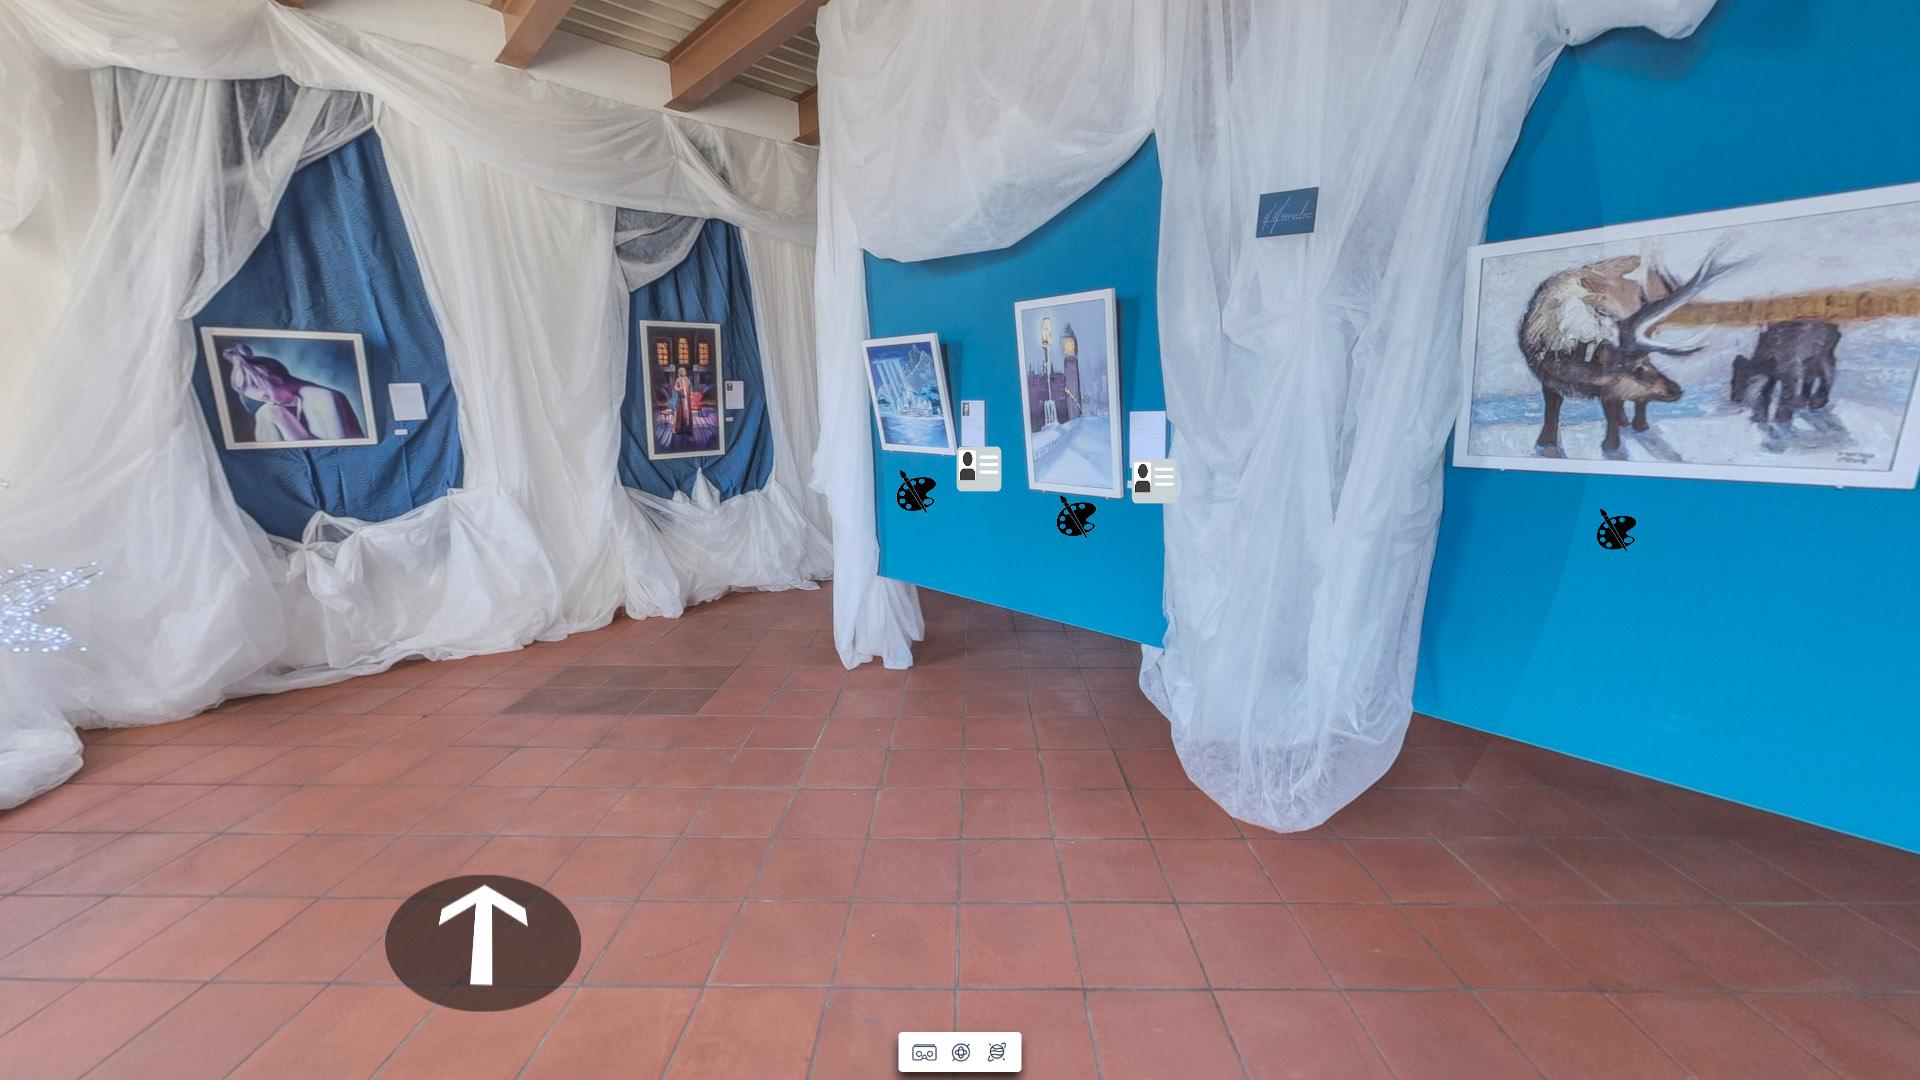 Atelier Mascolini tour virtuale realizzato da Michele Sabella, Benevento www.visualedigitale.com